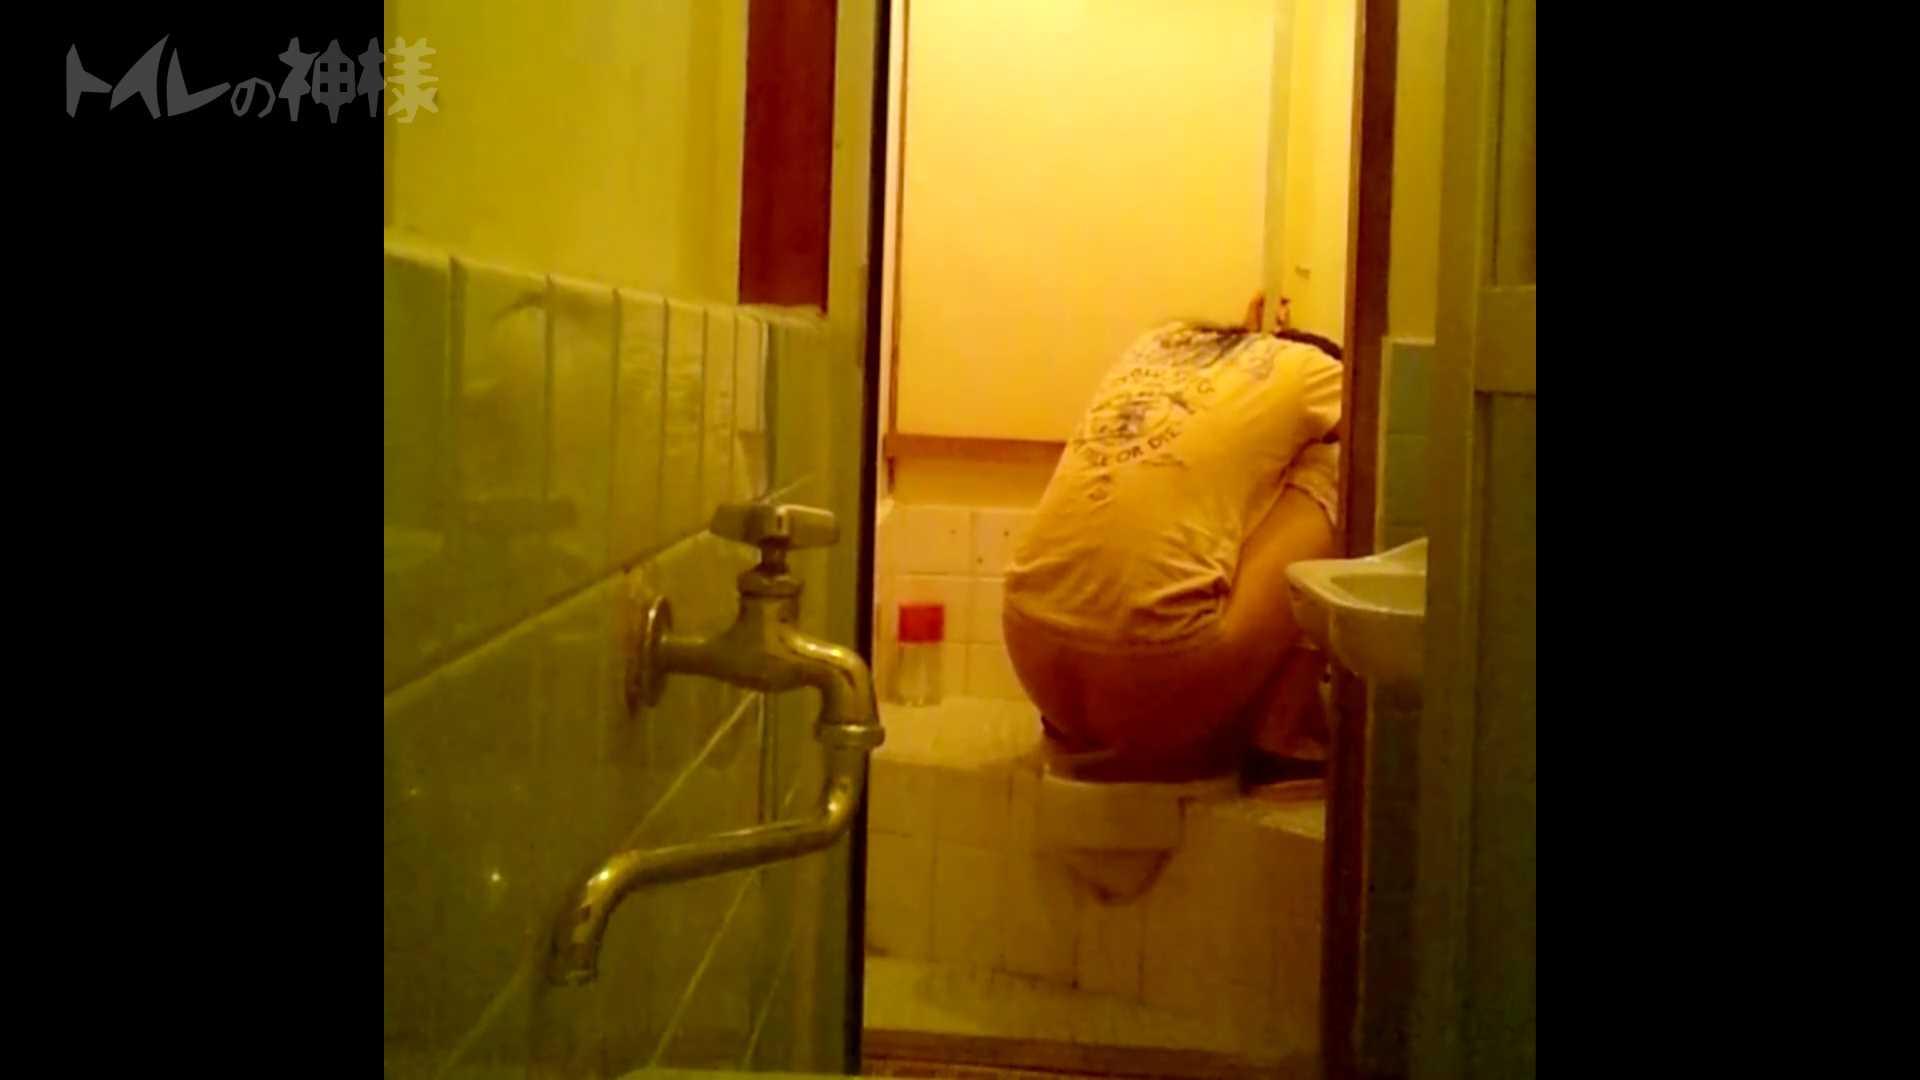 トイレの神様 Vol.08 プリントしたお・し・り トイレ中 | OL  46連発 45